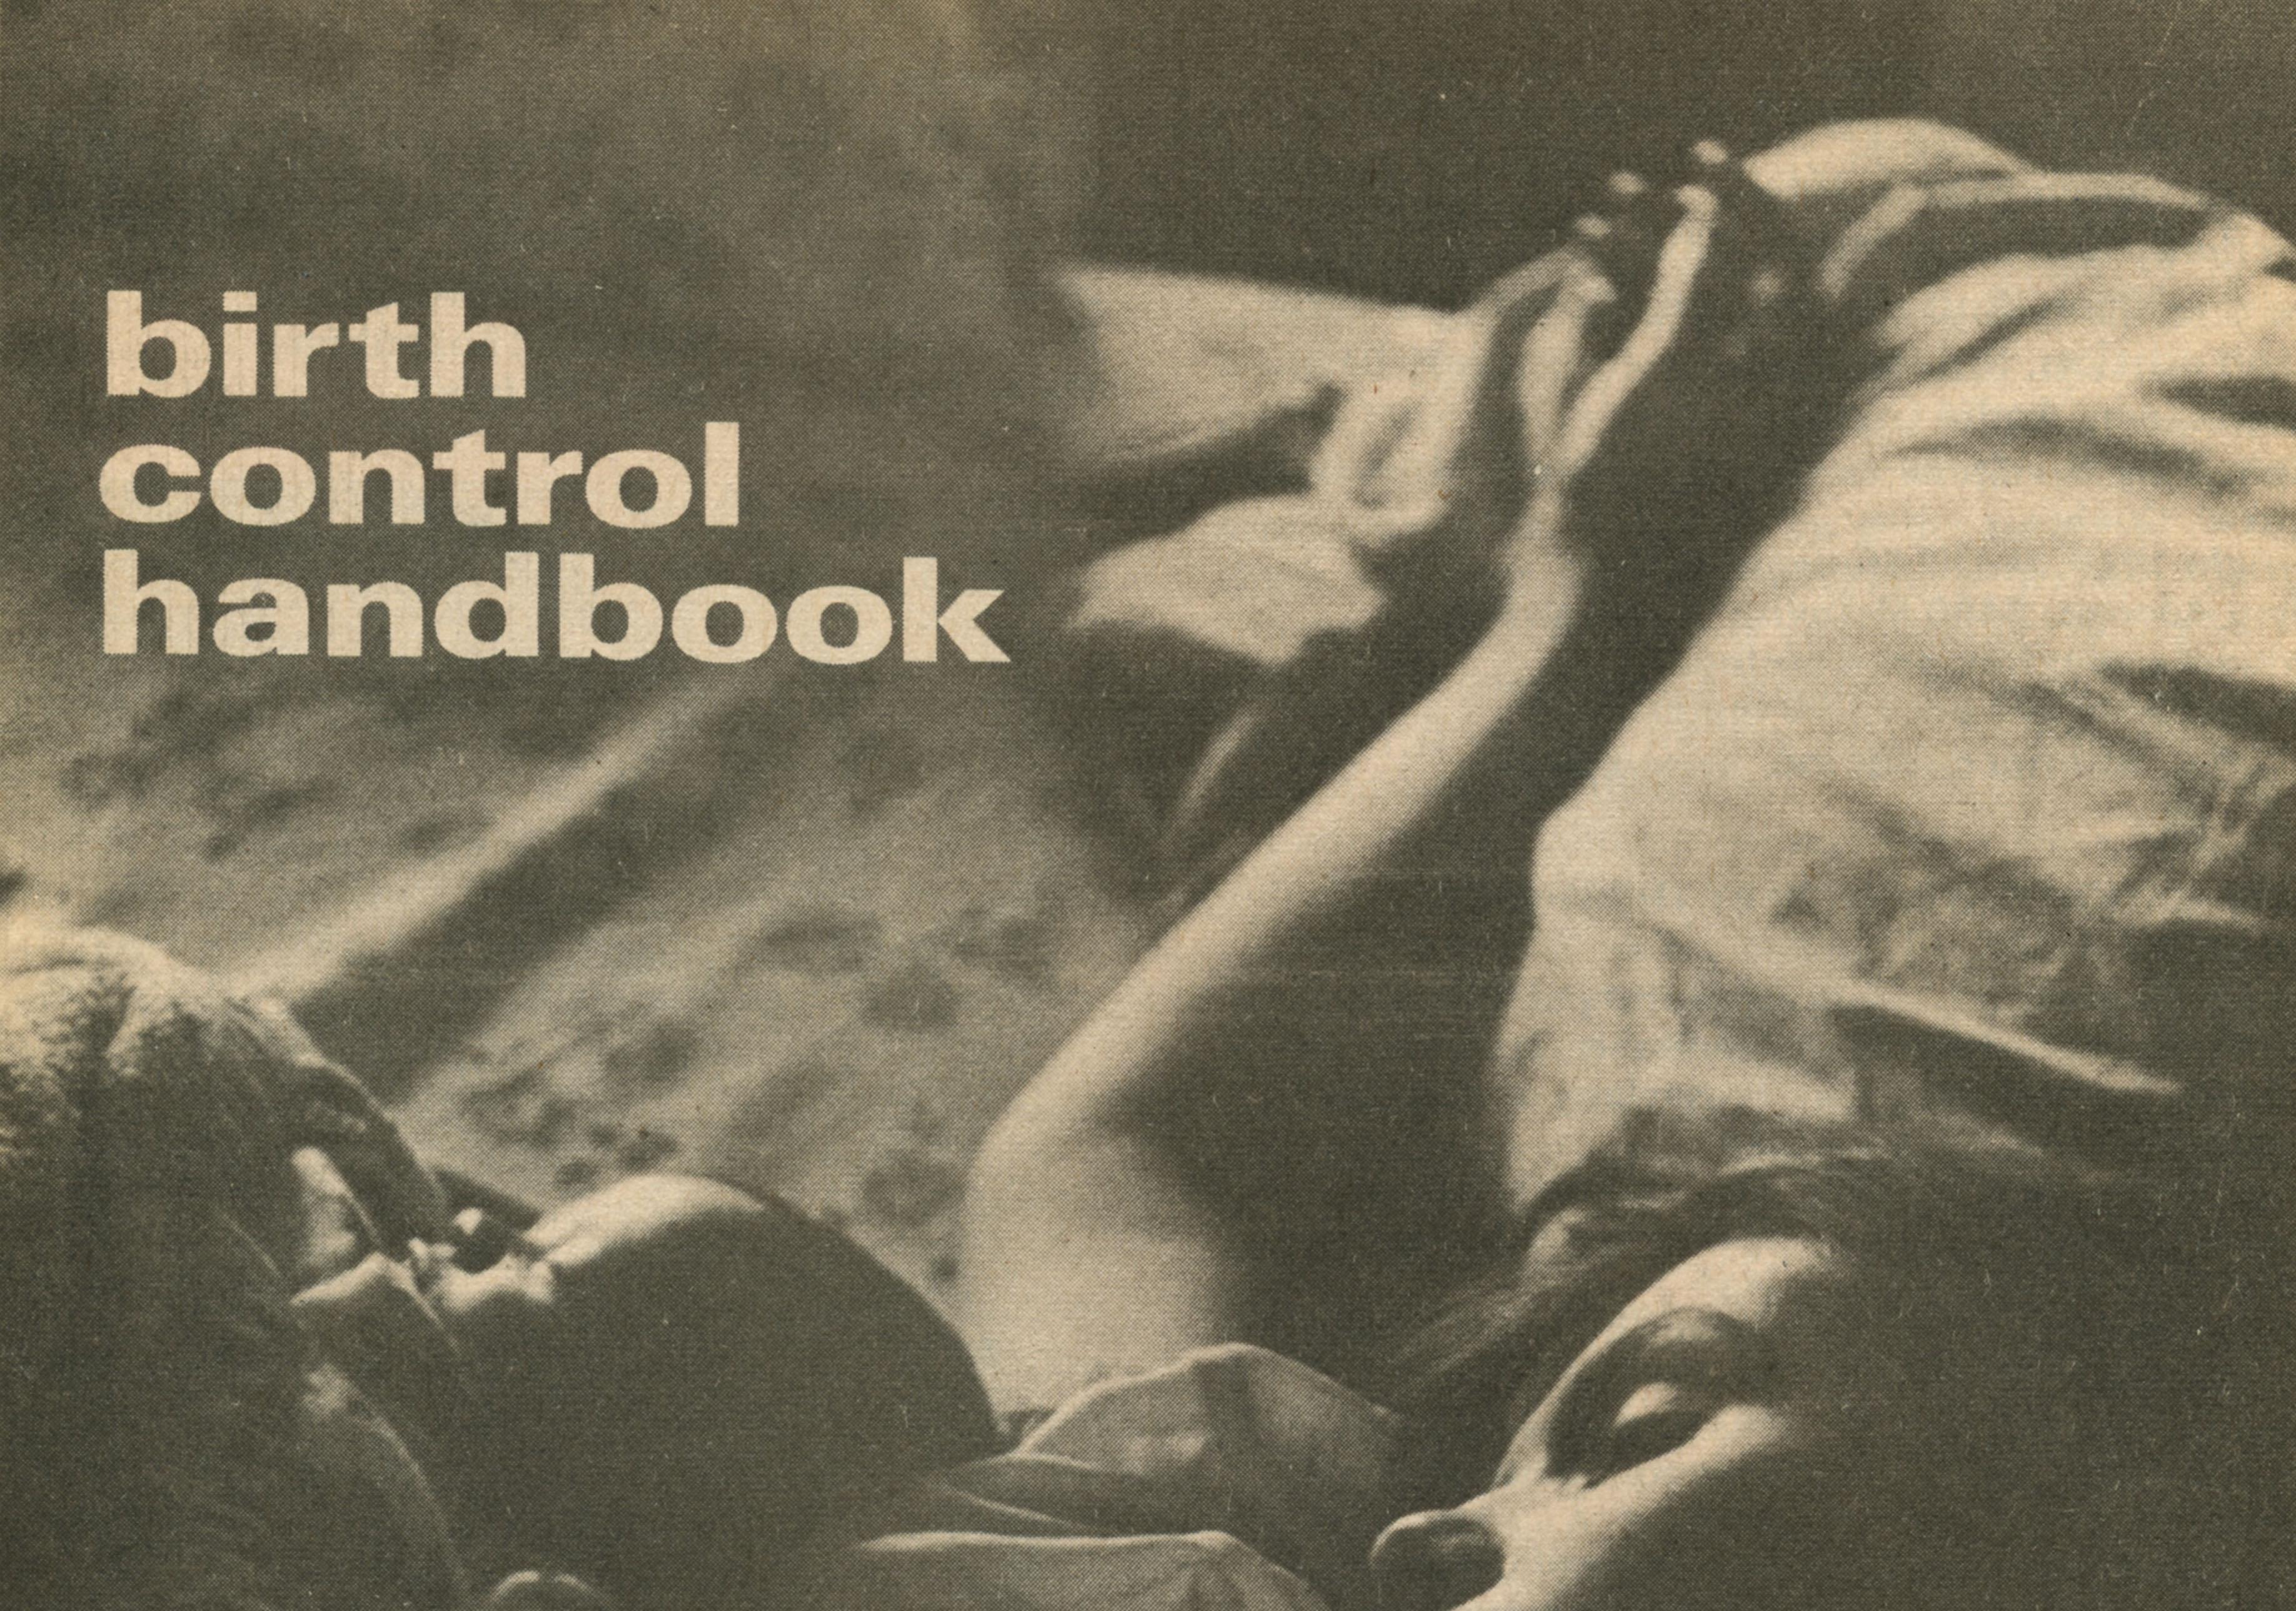 Birth Control Handbook